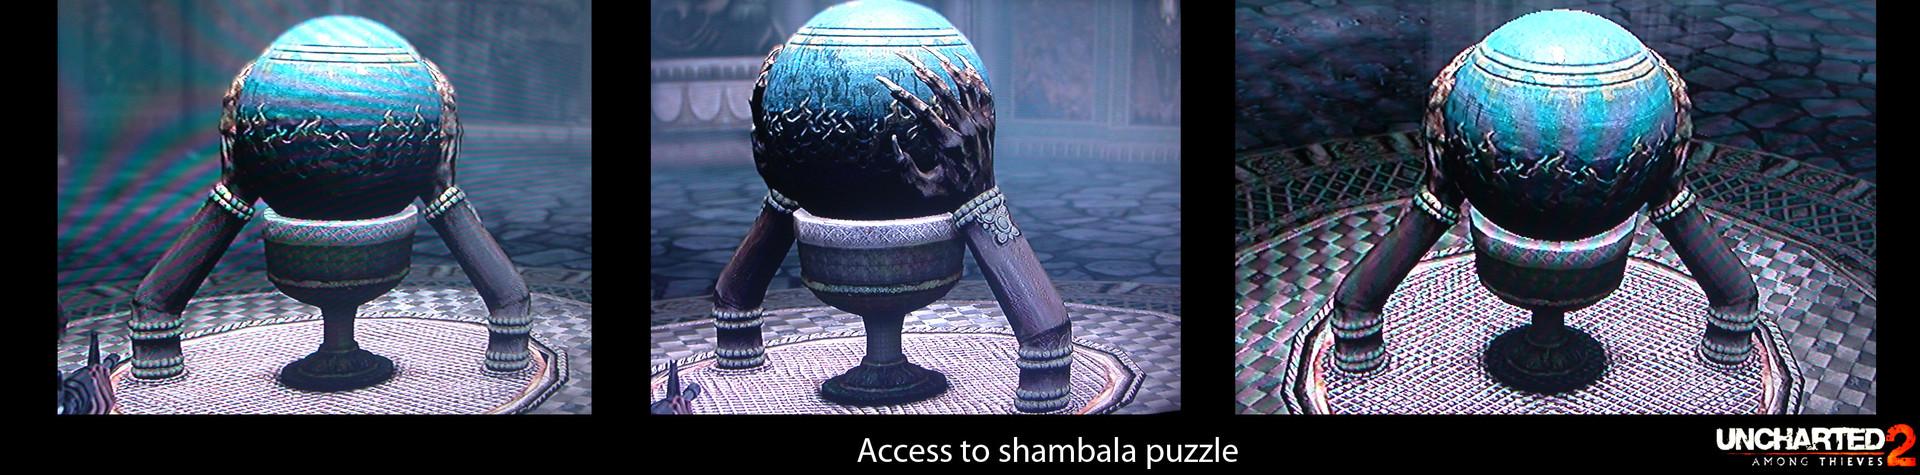 Jin hao villa puzzle shambala